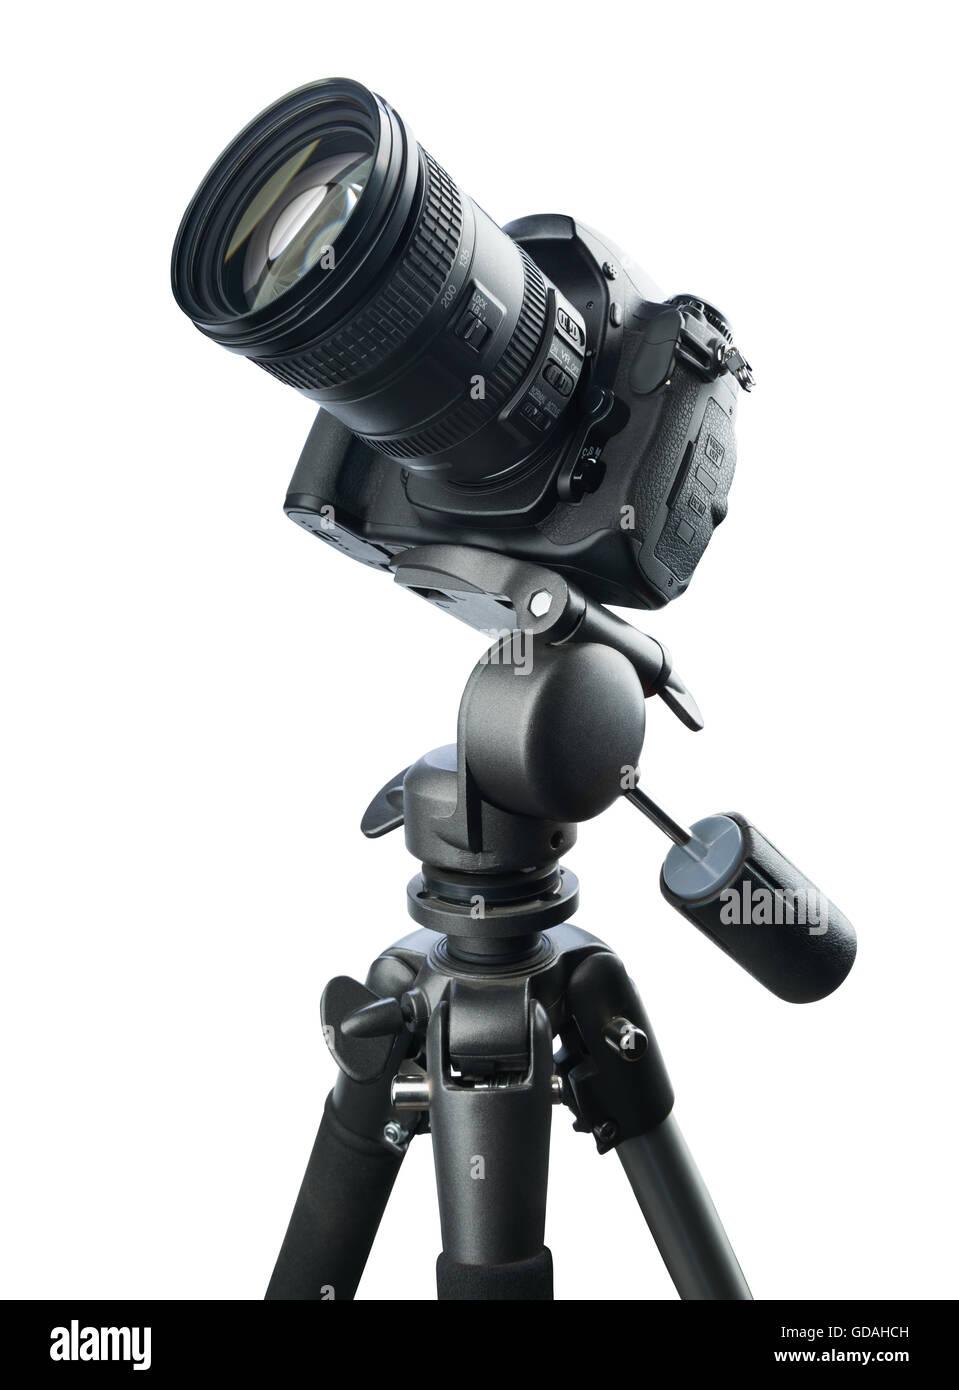 En el trípode de cámara DSLR, aislado sobre fondo blanco. Imagen De Stock